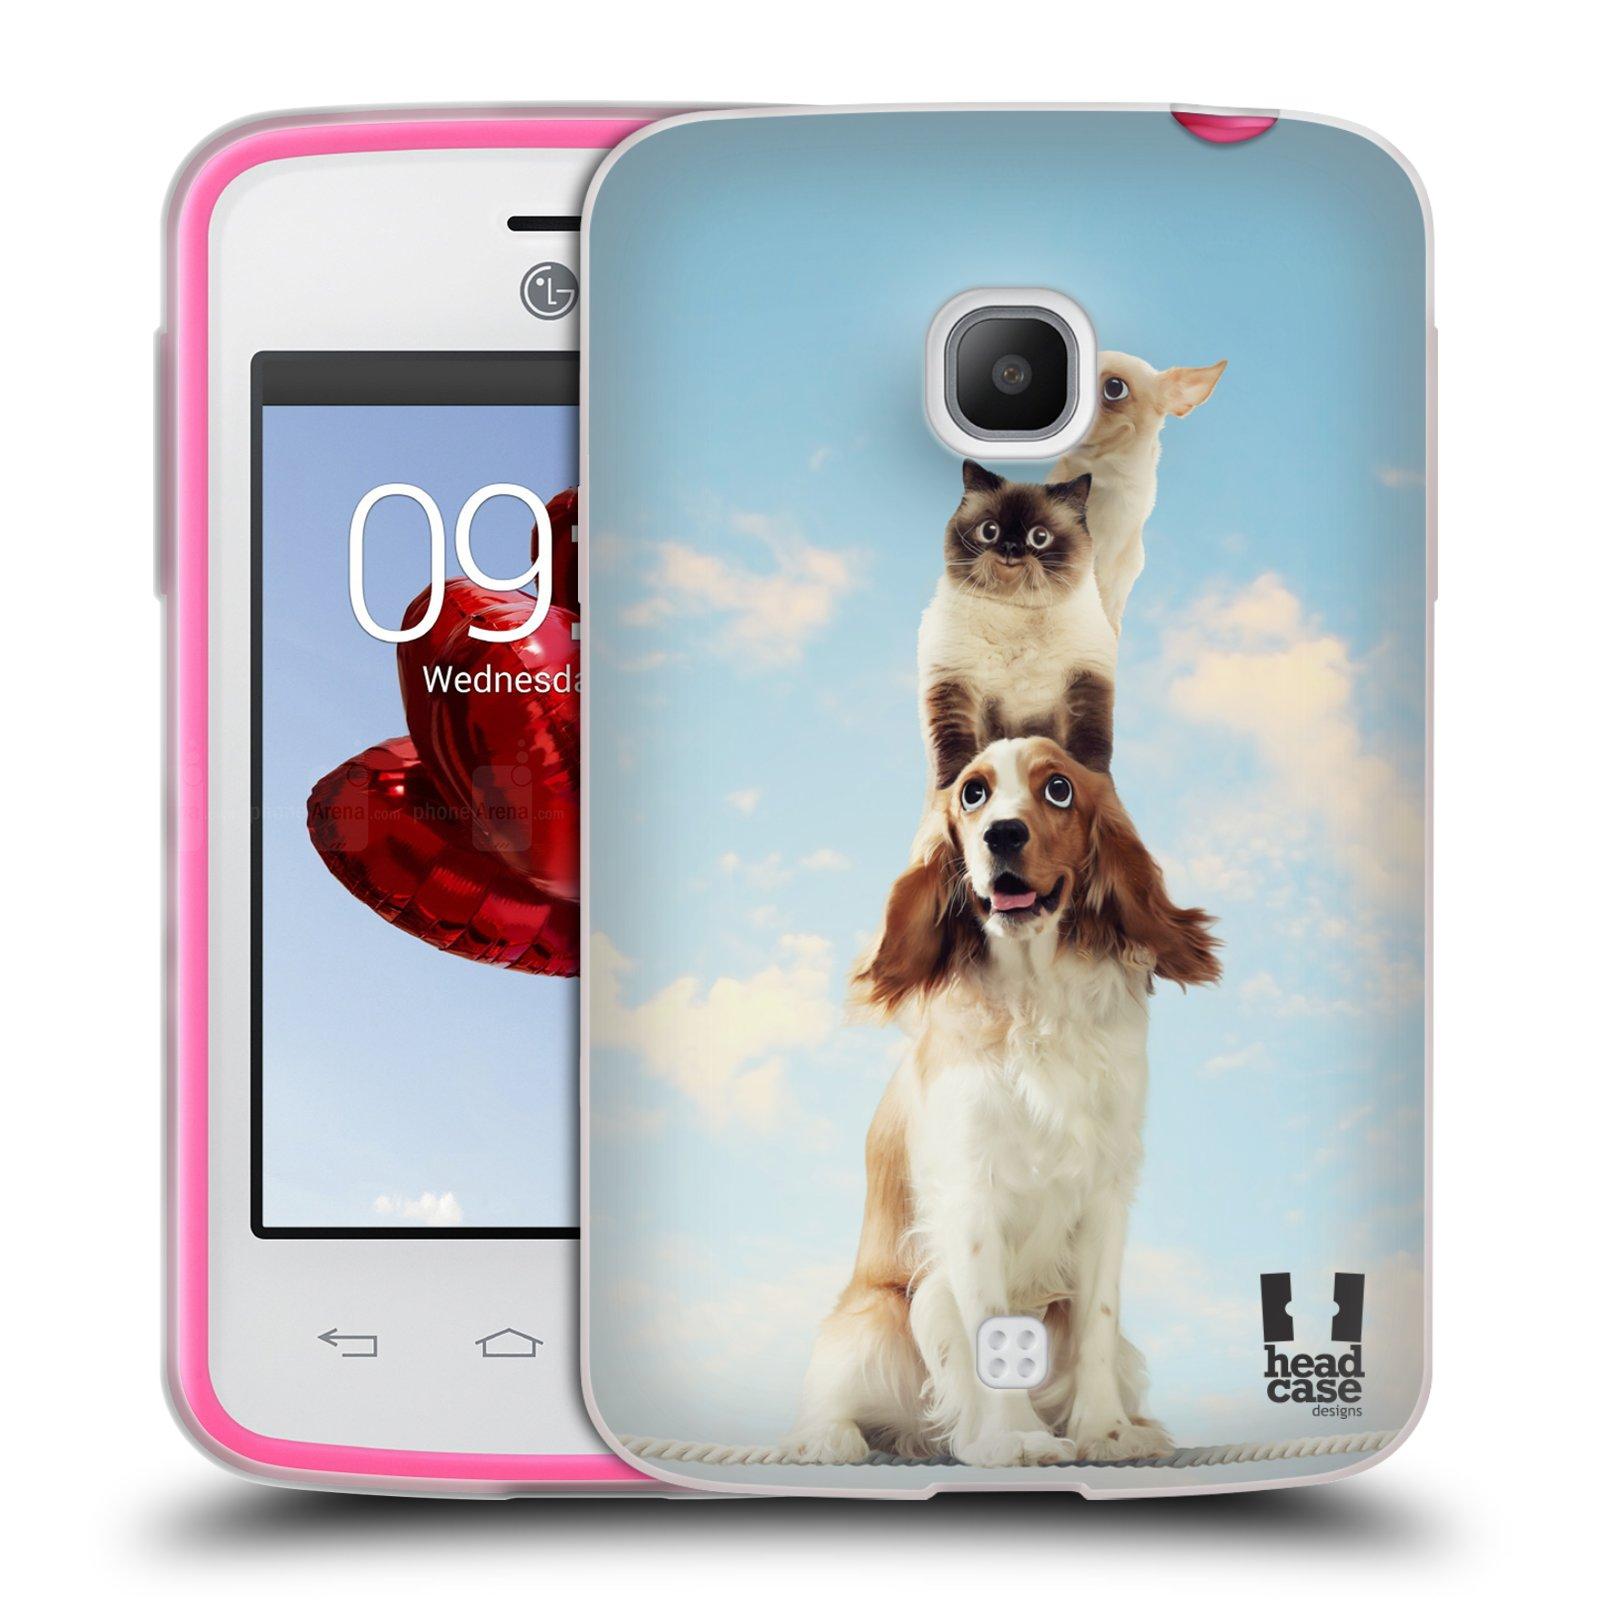 HEAD CASE silikonový obal na mobil LG L30 vzor Legrační zvířátka zvířecí totem